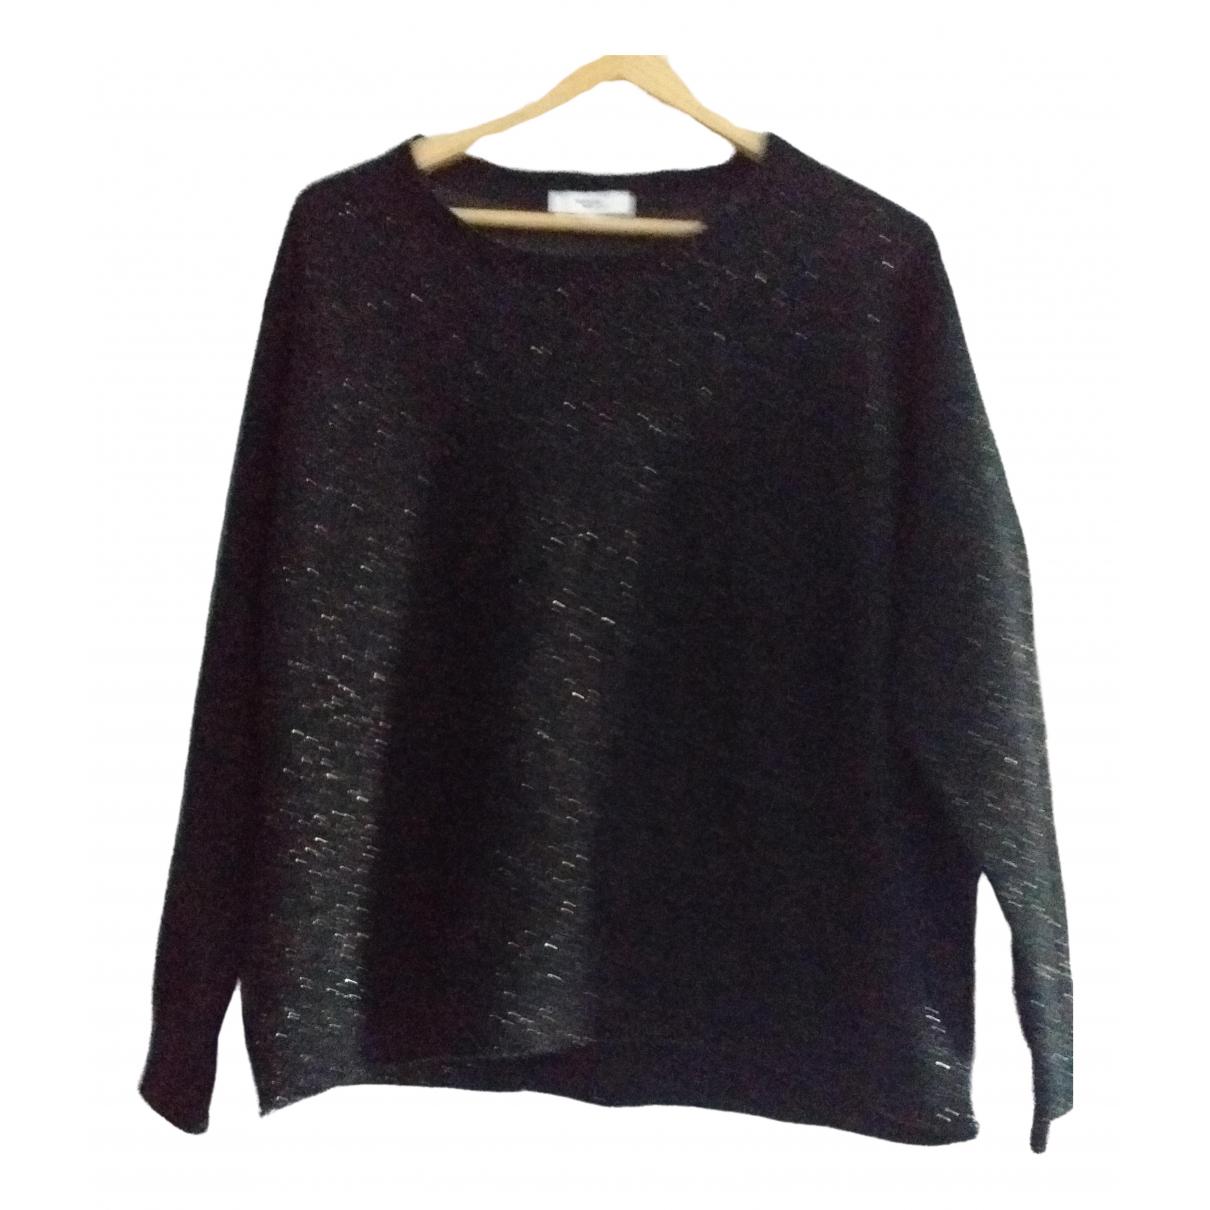 Suncoo \N Black Knitwear for Women 38 FR